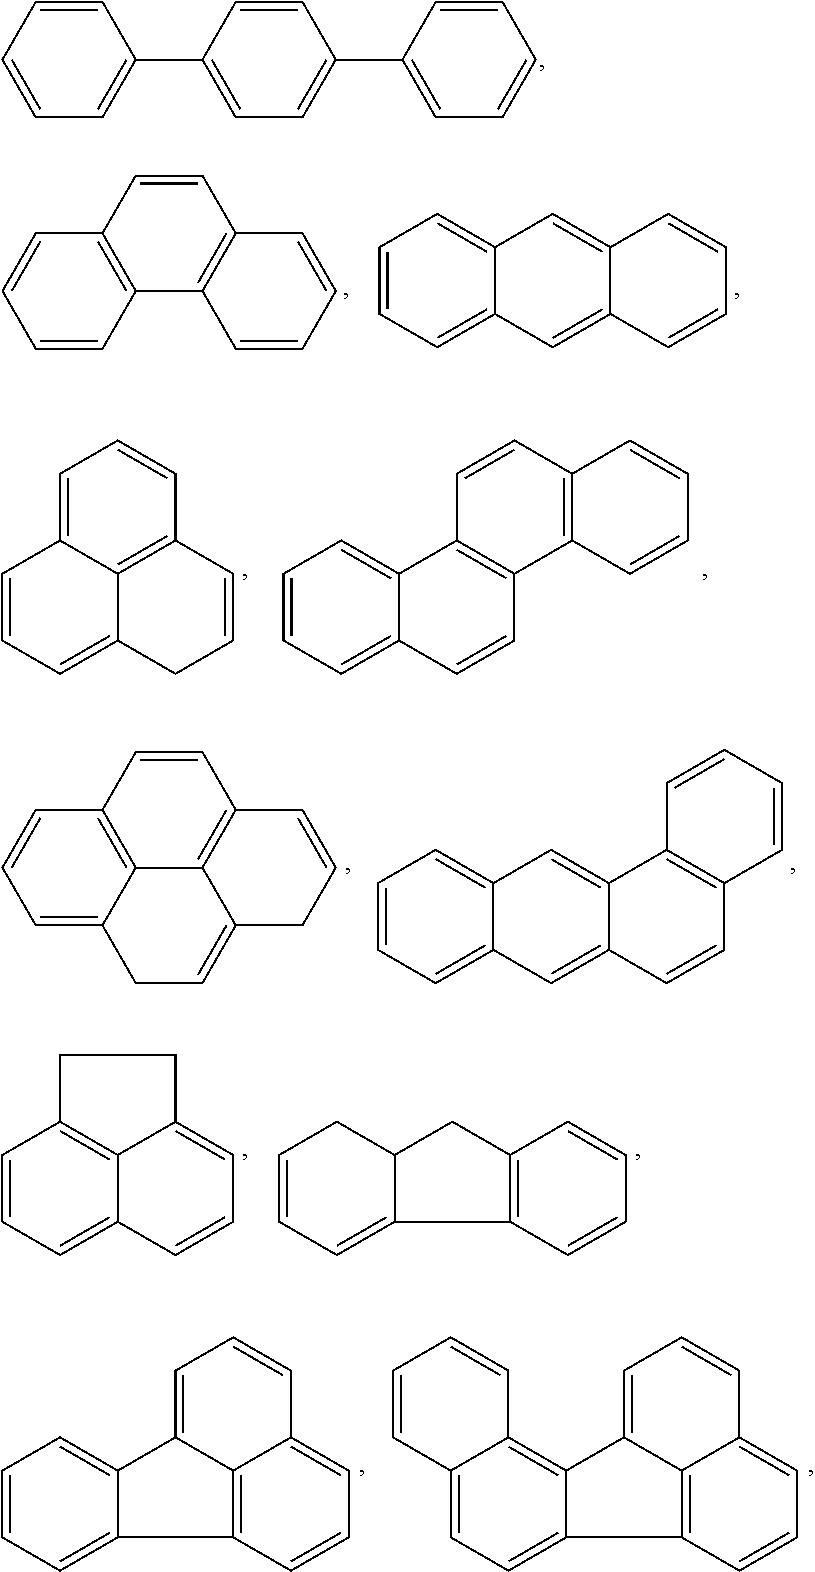 Figure US20110032465A1-20110210-C00013